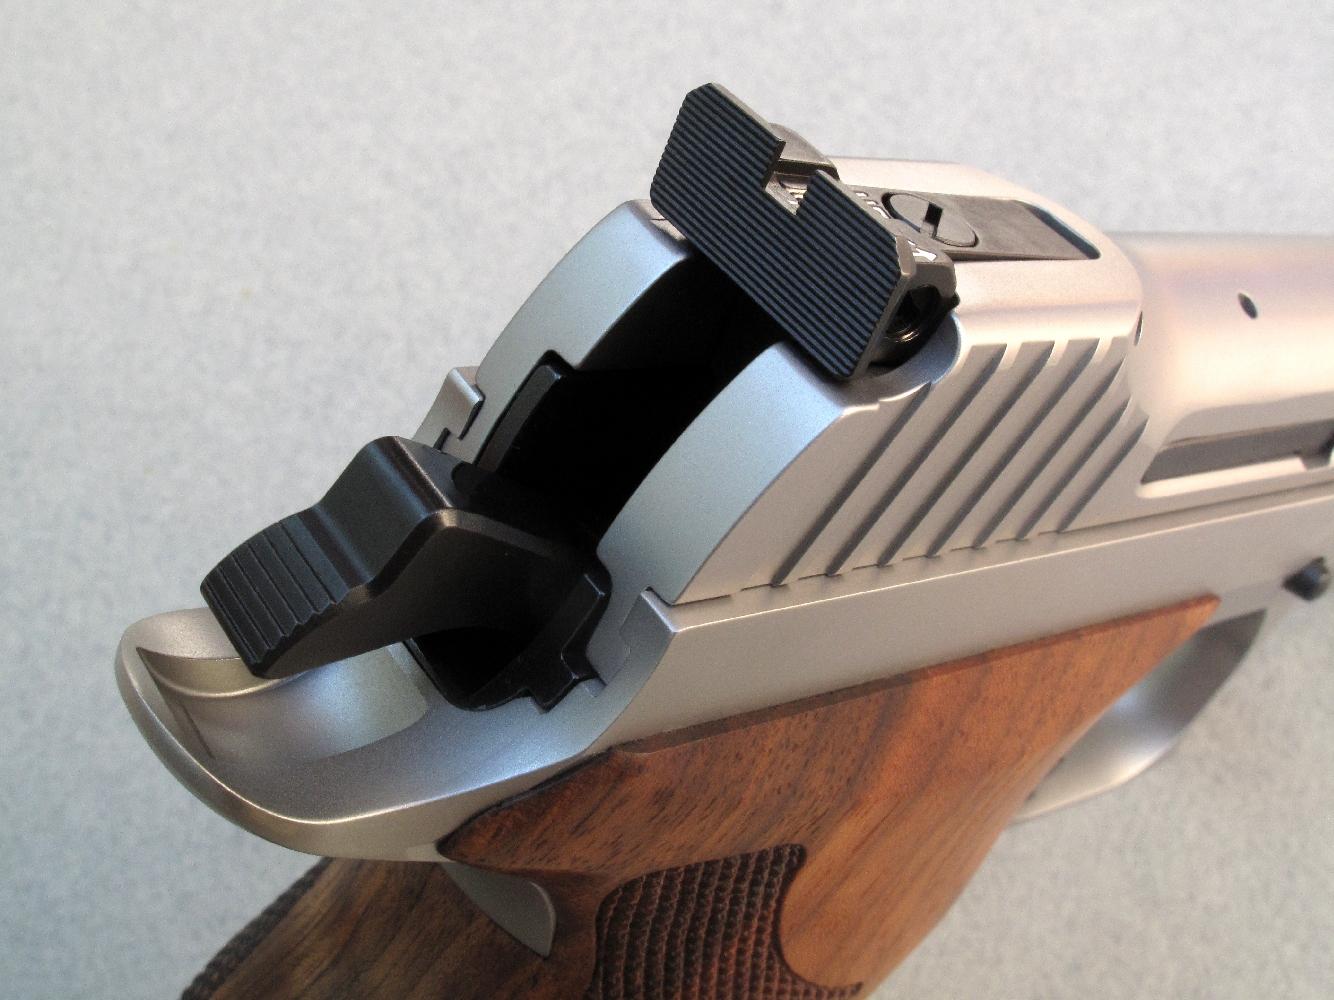 Ce pistolet dispose d'une hausse réglable, en site et en azimut, au moyen de vis micrométriques dont l'incidence est indiquée par des flèches.